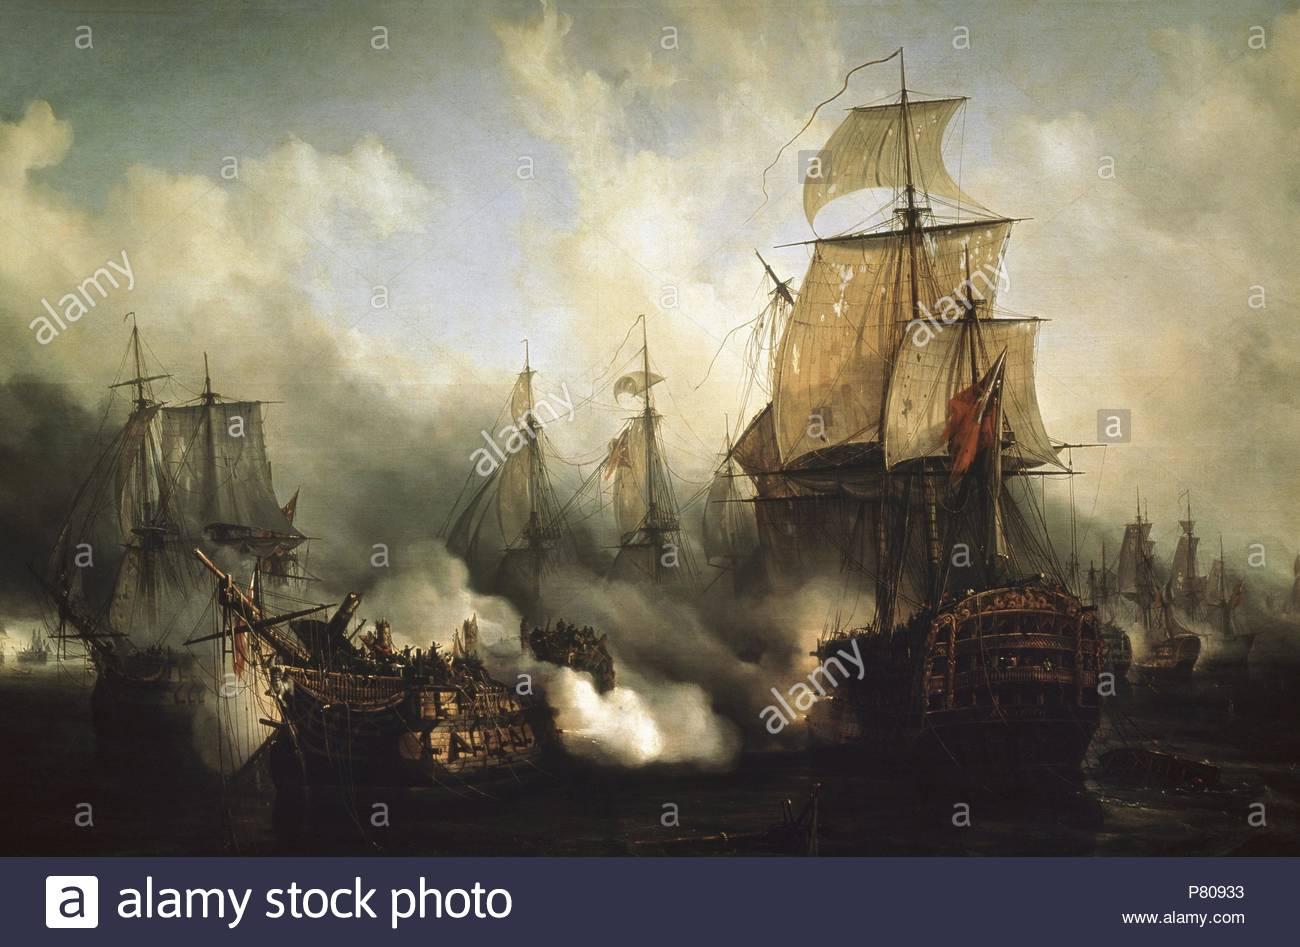 Auguste Etienne Francois Mayer (1805-1890). Französischer Maler. Die Redoutable bei Trafalgar, 21. Oktober 1805. Öl auf Leinwand. Musée De La Marine, Paris, Frankreich. Stockbild